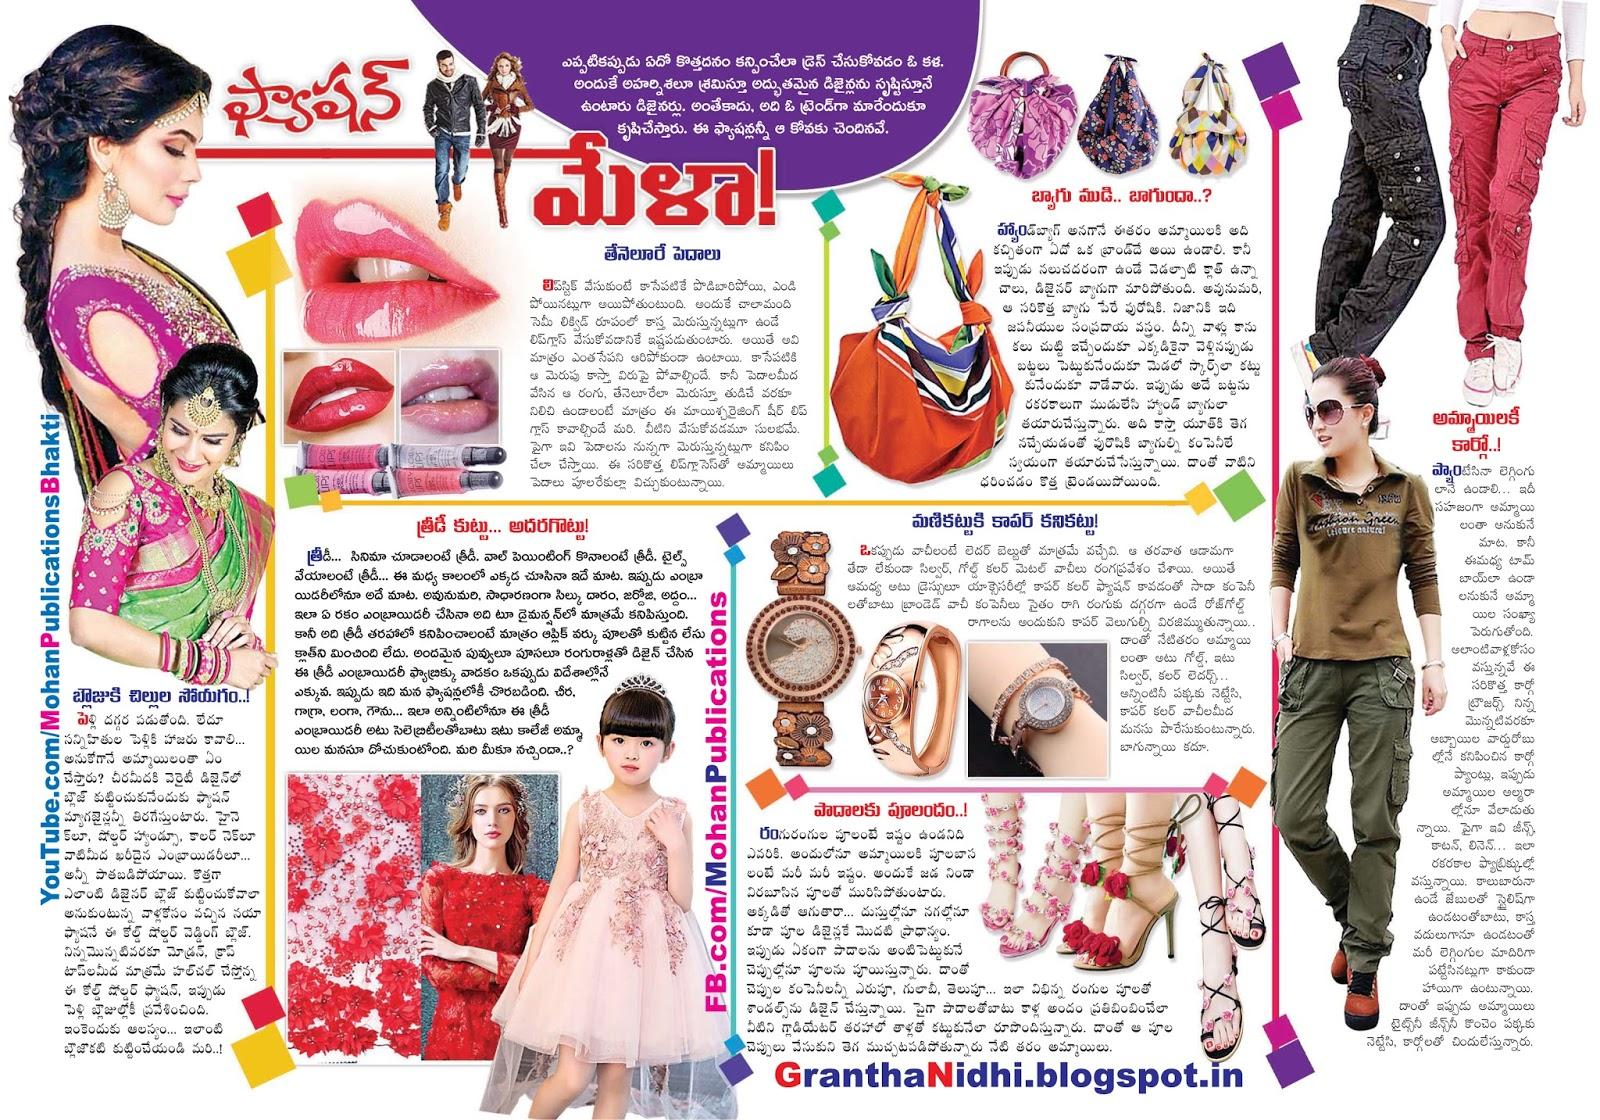 ఫ్యాషన్ మేళా! FashionMela LatestTrends TrendsinFashion LatestFashion Fashion BlouseDesigns DesignerBlouse LipGlass HandBags BhakthiPustakalu Bhakthi Pustakalu Bhakti Pustakalu BhaktiPustakalu Eenadu Sunday Eenadu Sunday Magazine Sunday Magazine